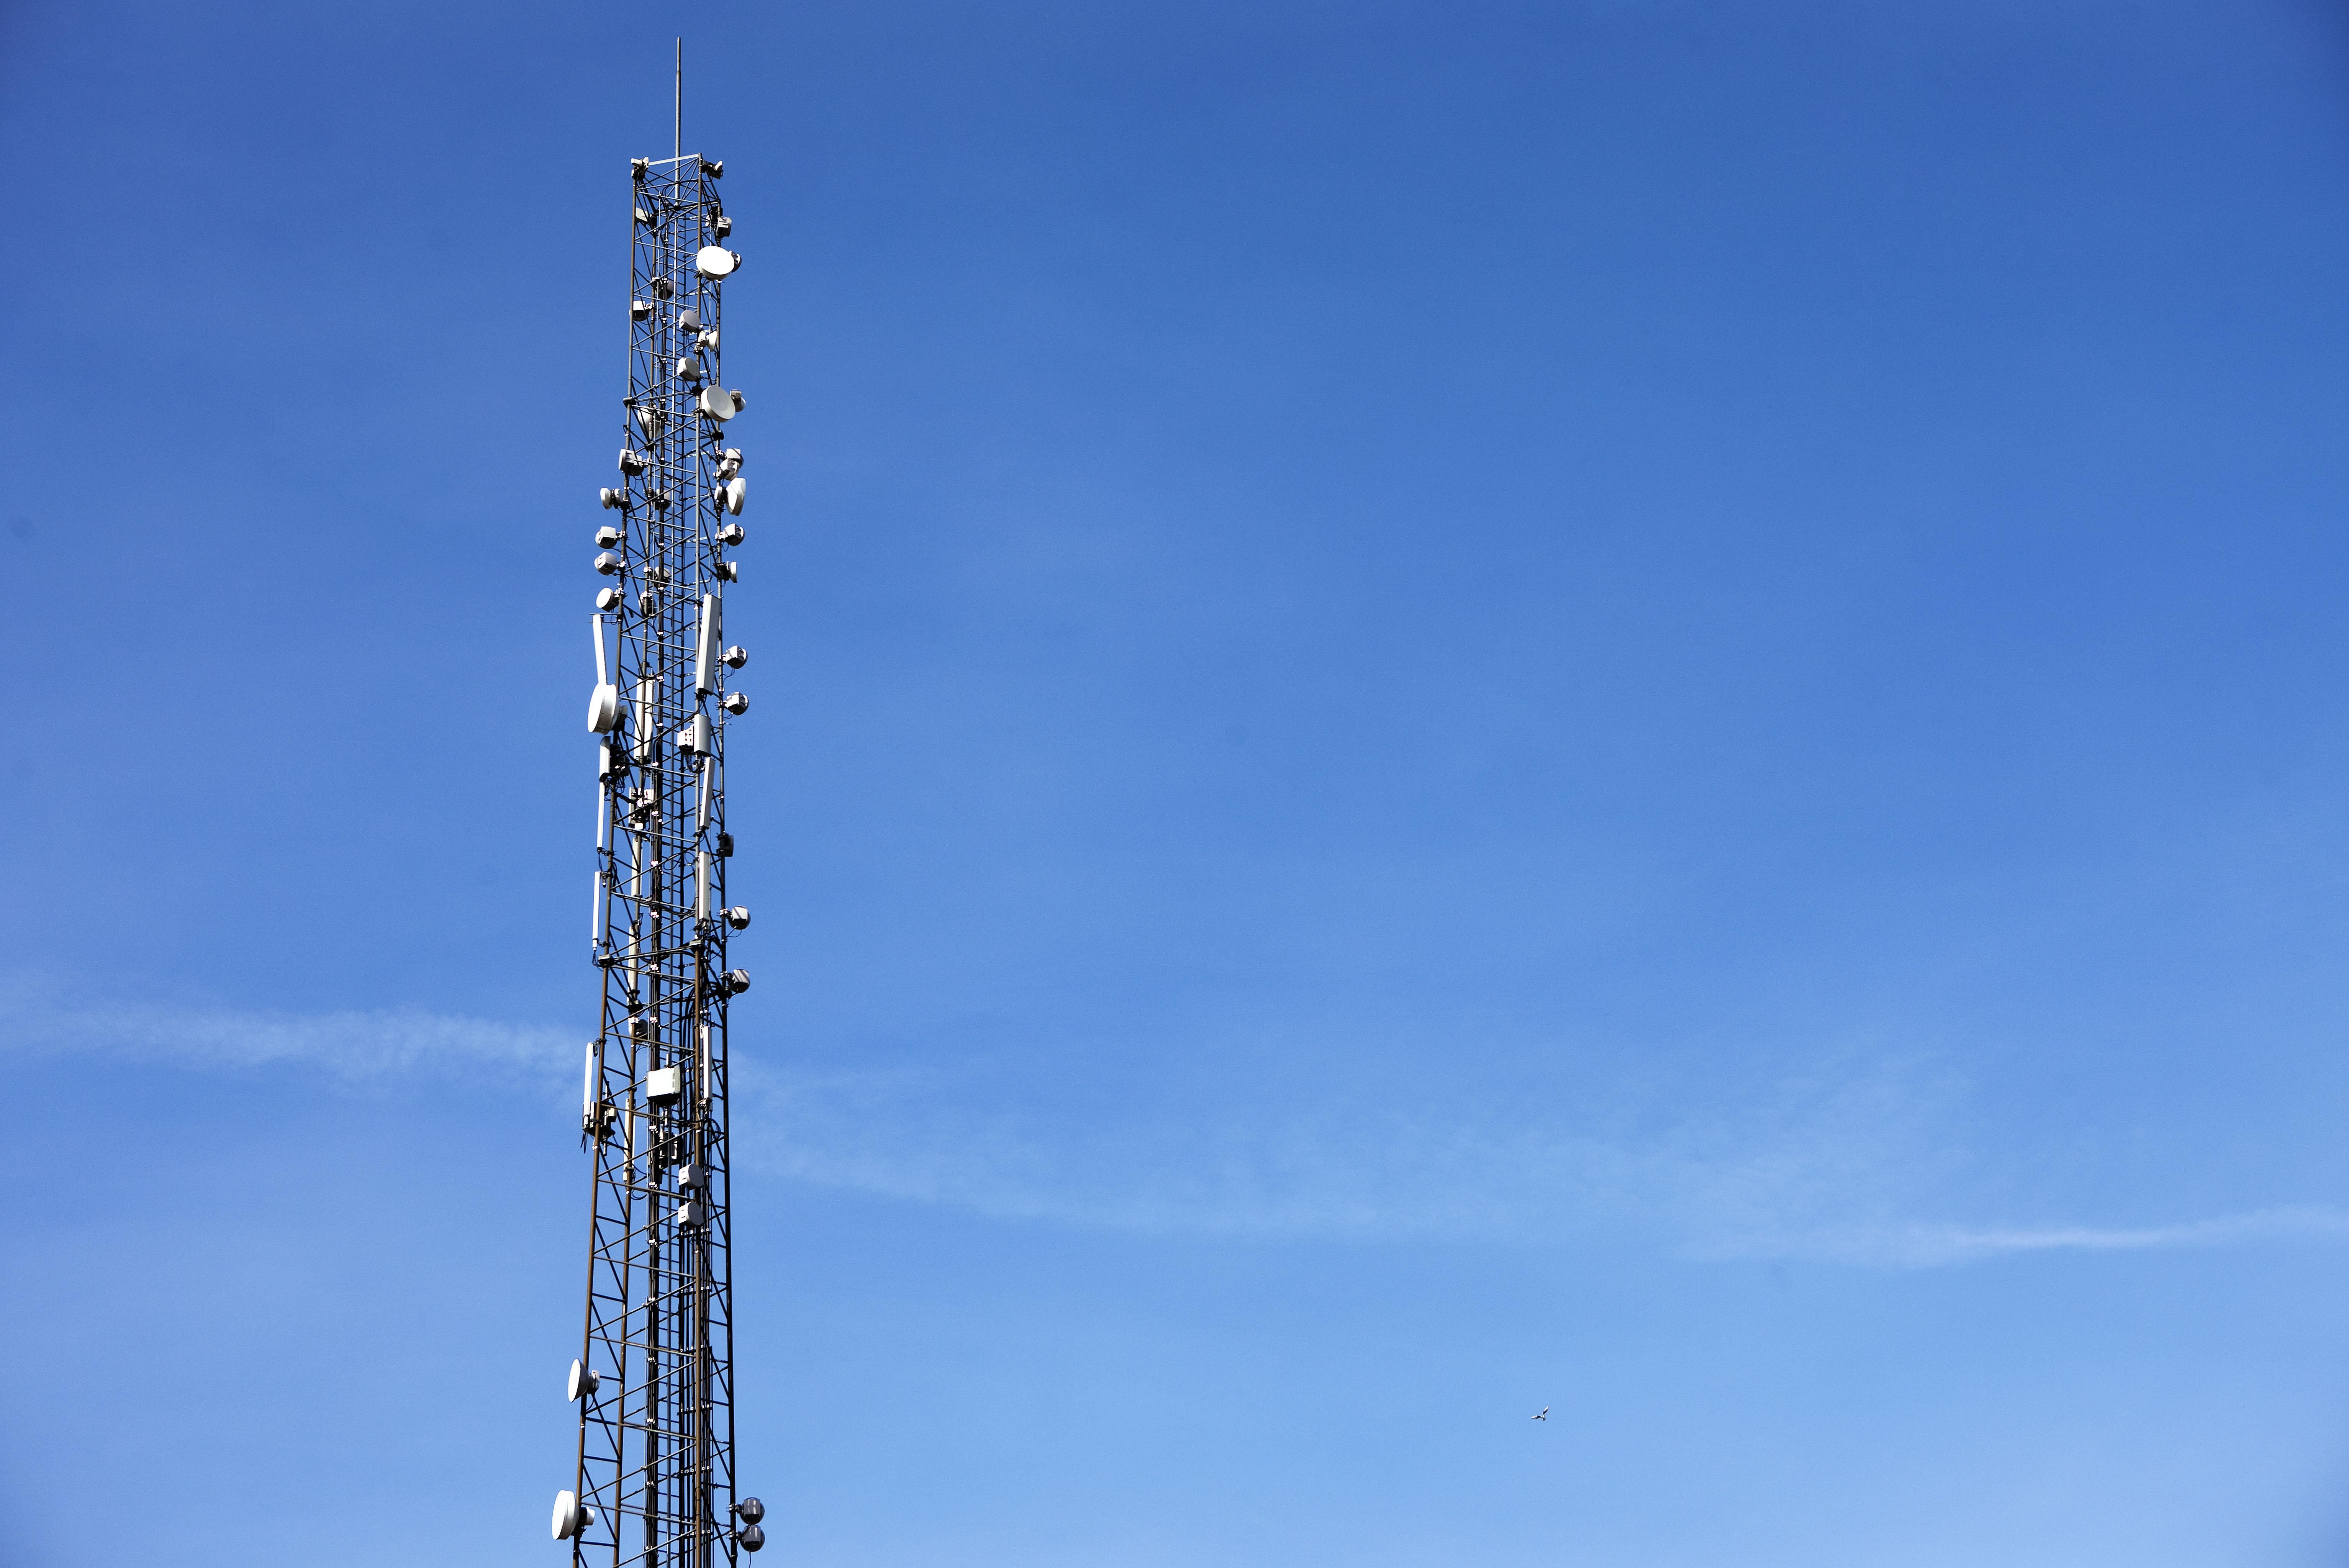 4G-dækningen bliver mere fintmasket hos Telenor og Telia i 2016. Desuden opdateres en række eksisterende master med ny teknologi.